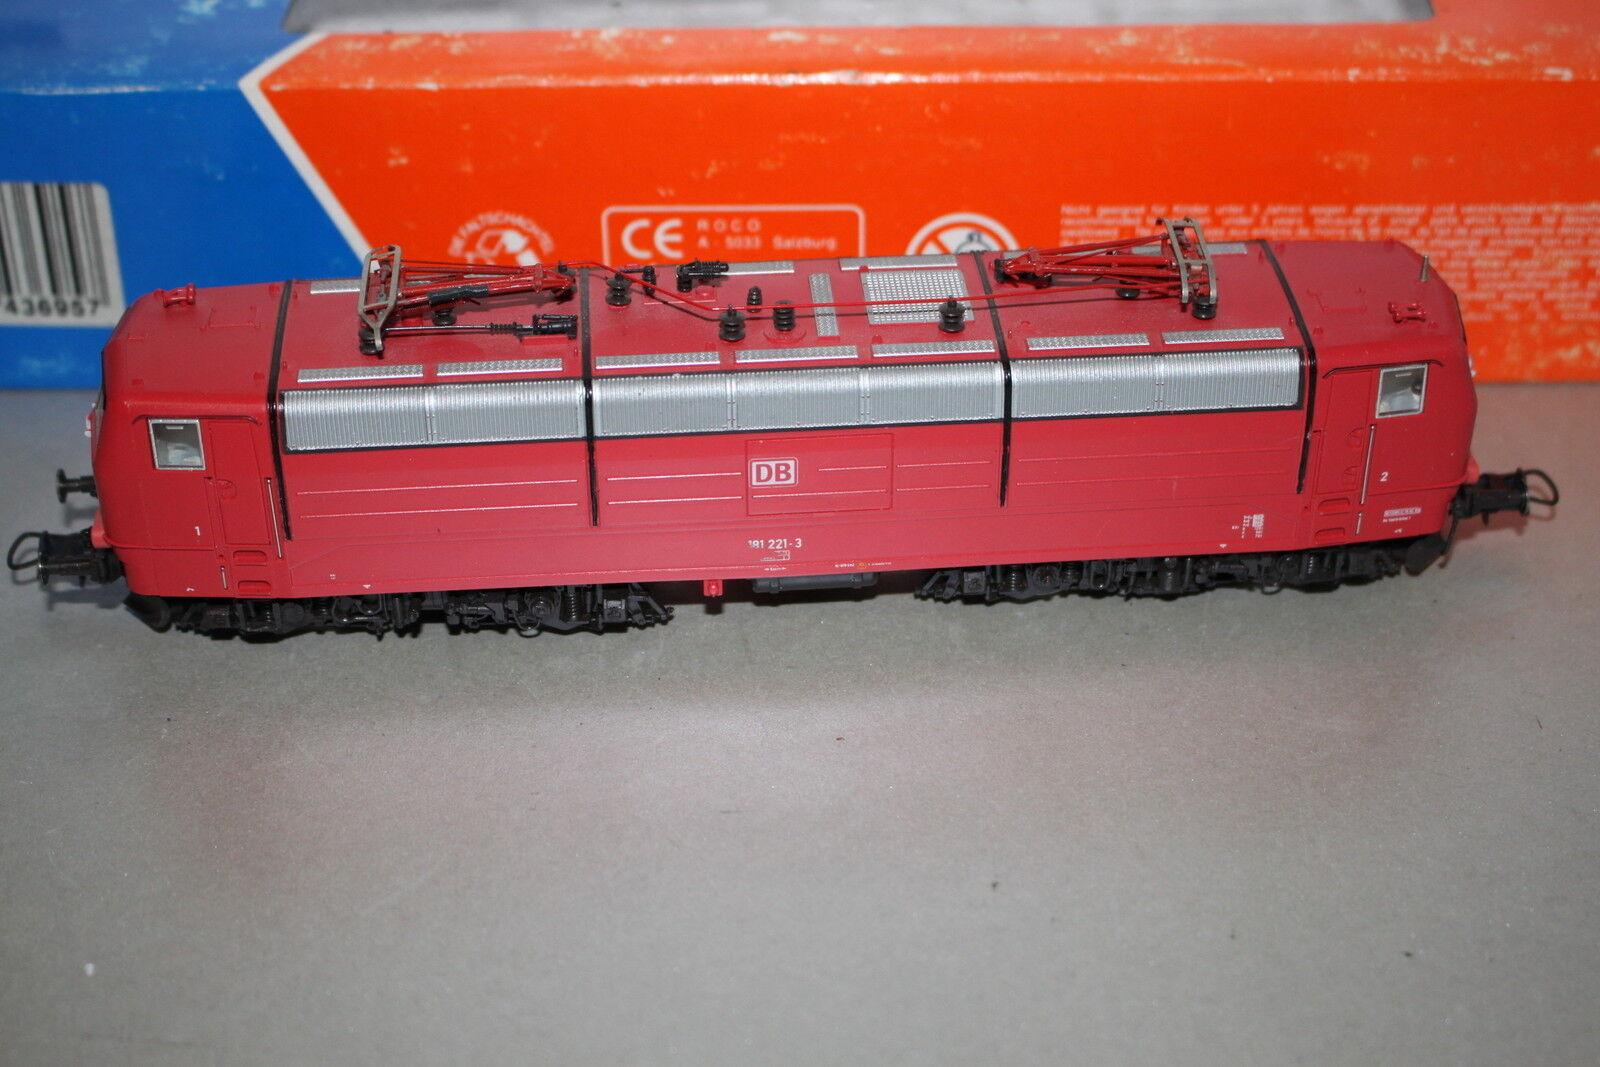 ROCO 43695 DCC DIGITAL elok serie siano 181 2213 DB traccia h0 OVP